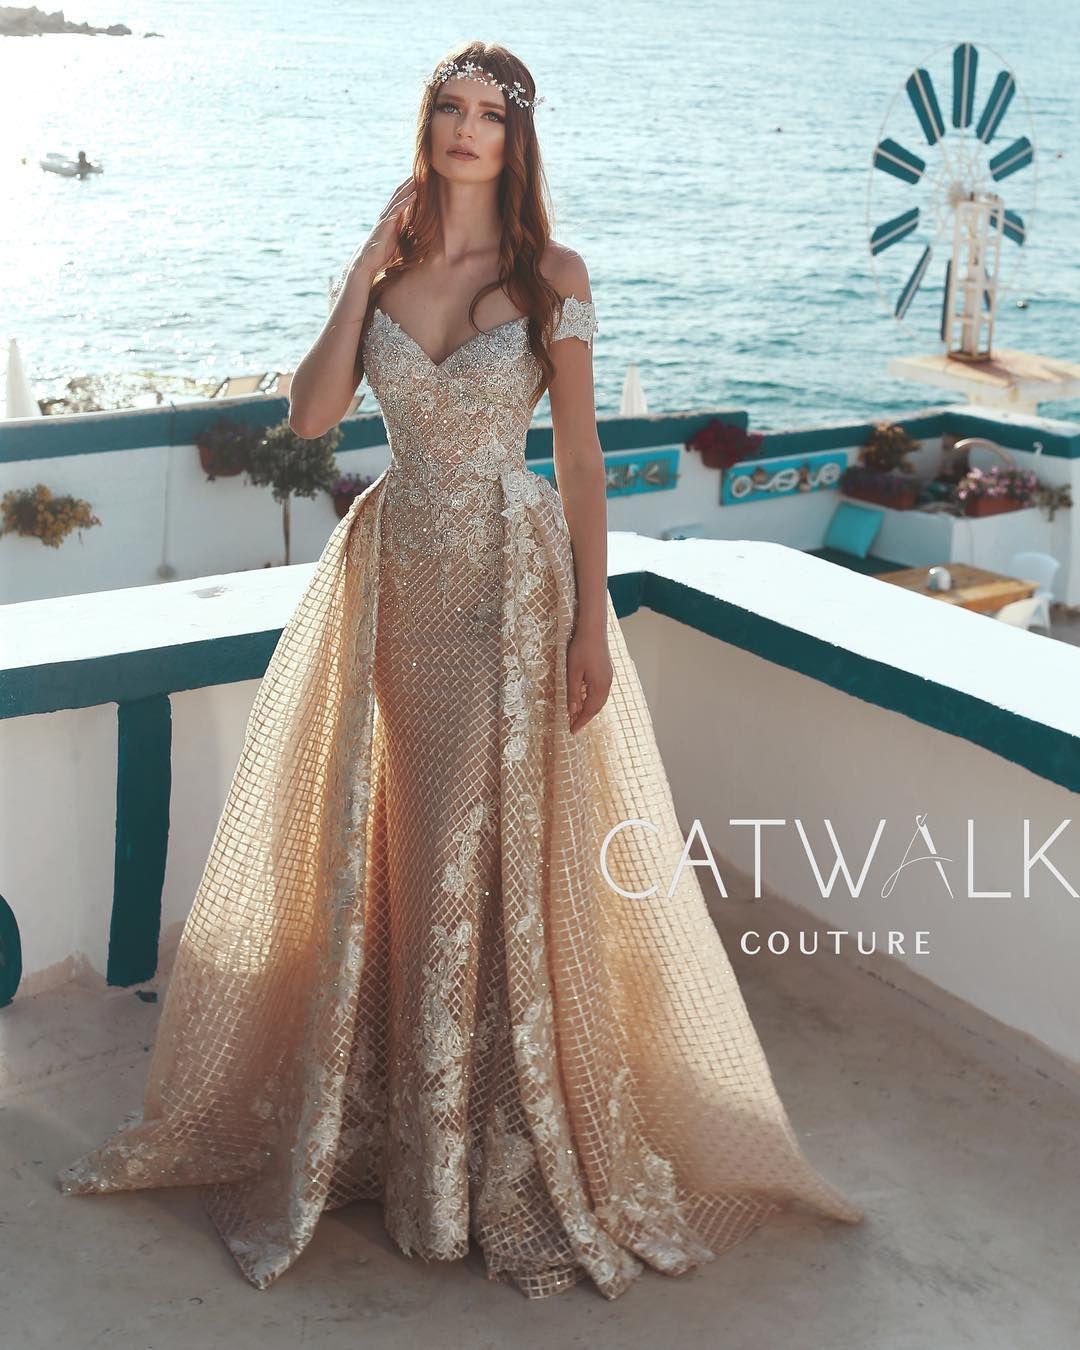 Taylor Swift Turkey Fancy Dresses Long Celebrity Gowns Dresses